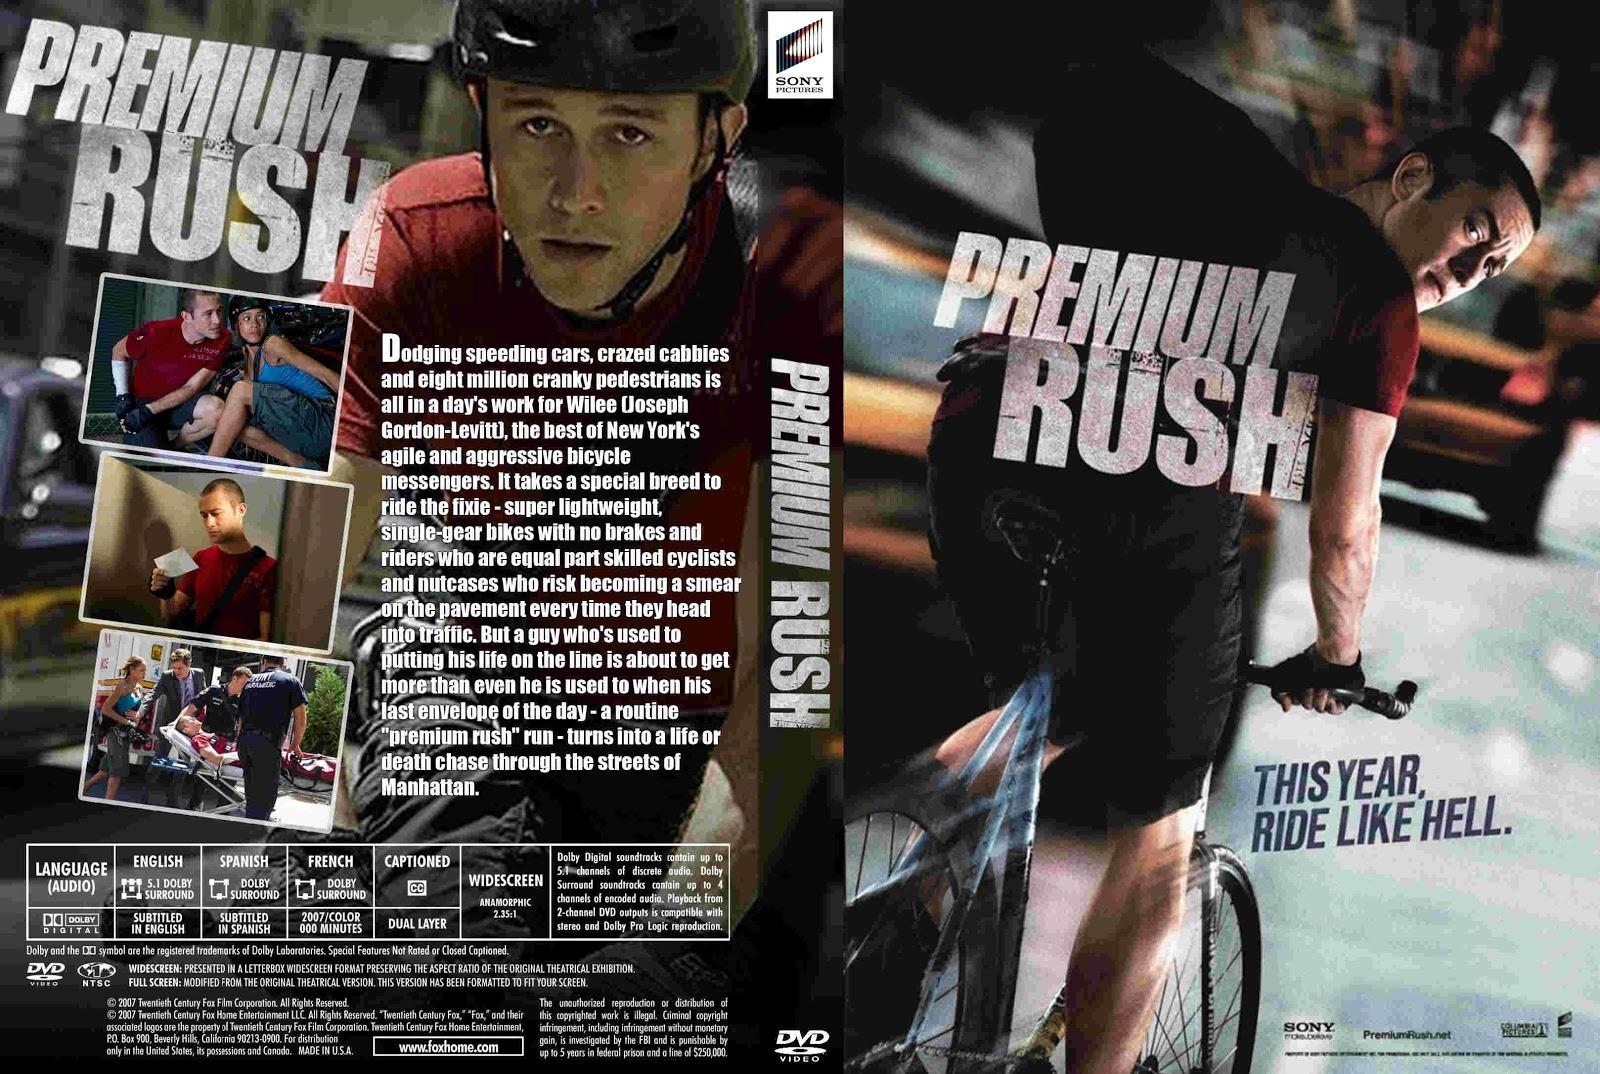 http://4.bp.blogspot.com/-yQc714nfsgE/ULr-o9y6RBI/AAAAAAAABuk/LXW6p1kBQqc/s1600/Premium_Rush_(2012)_R1_CUSTOM-%5Bfront%5D-%5Bwww.FreeCovers.net%5D.jpg